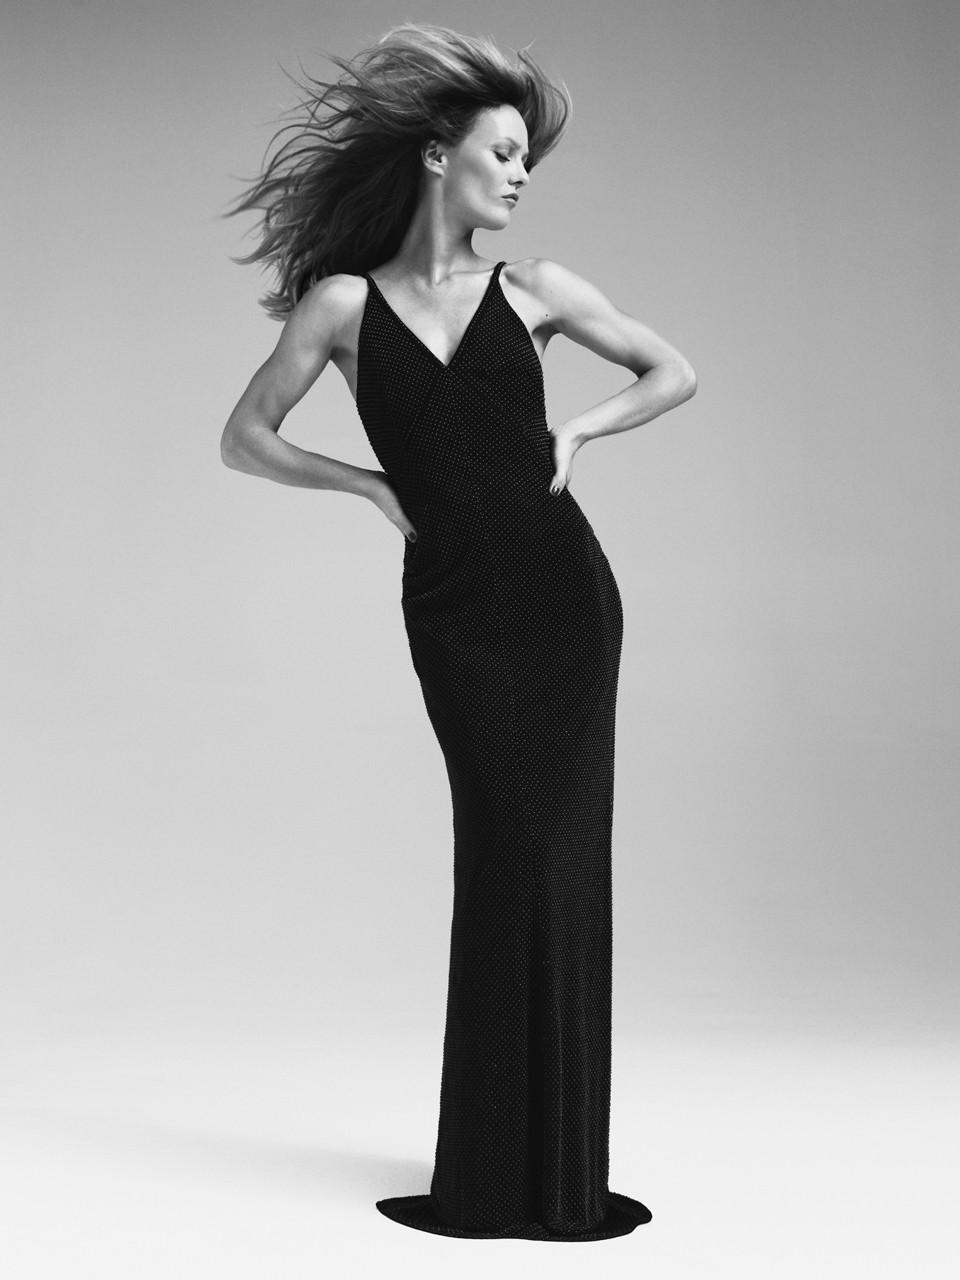 v-fashiontography-3.jpg